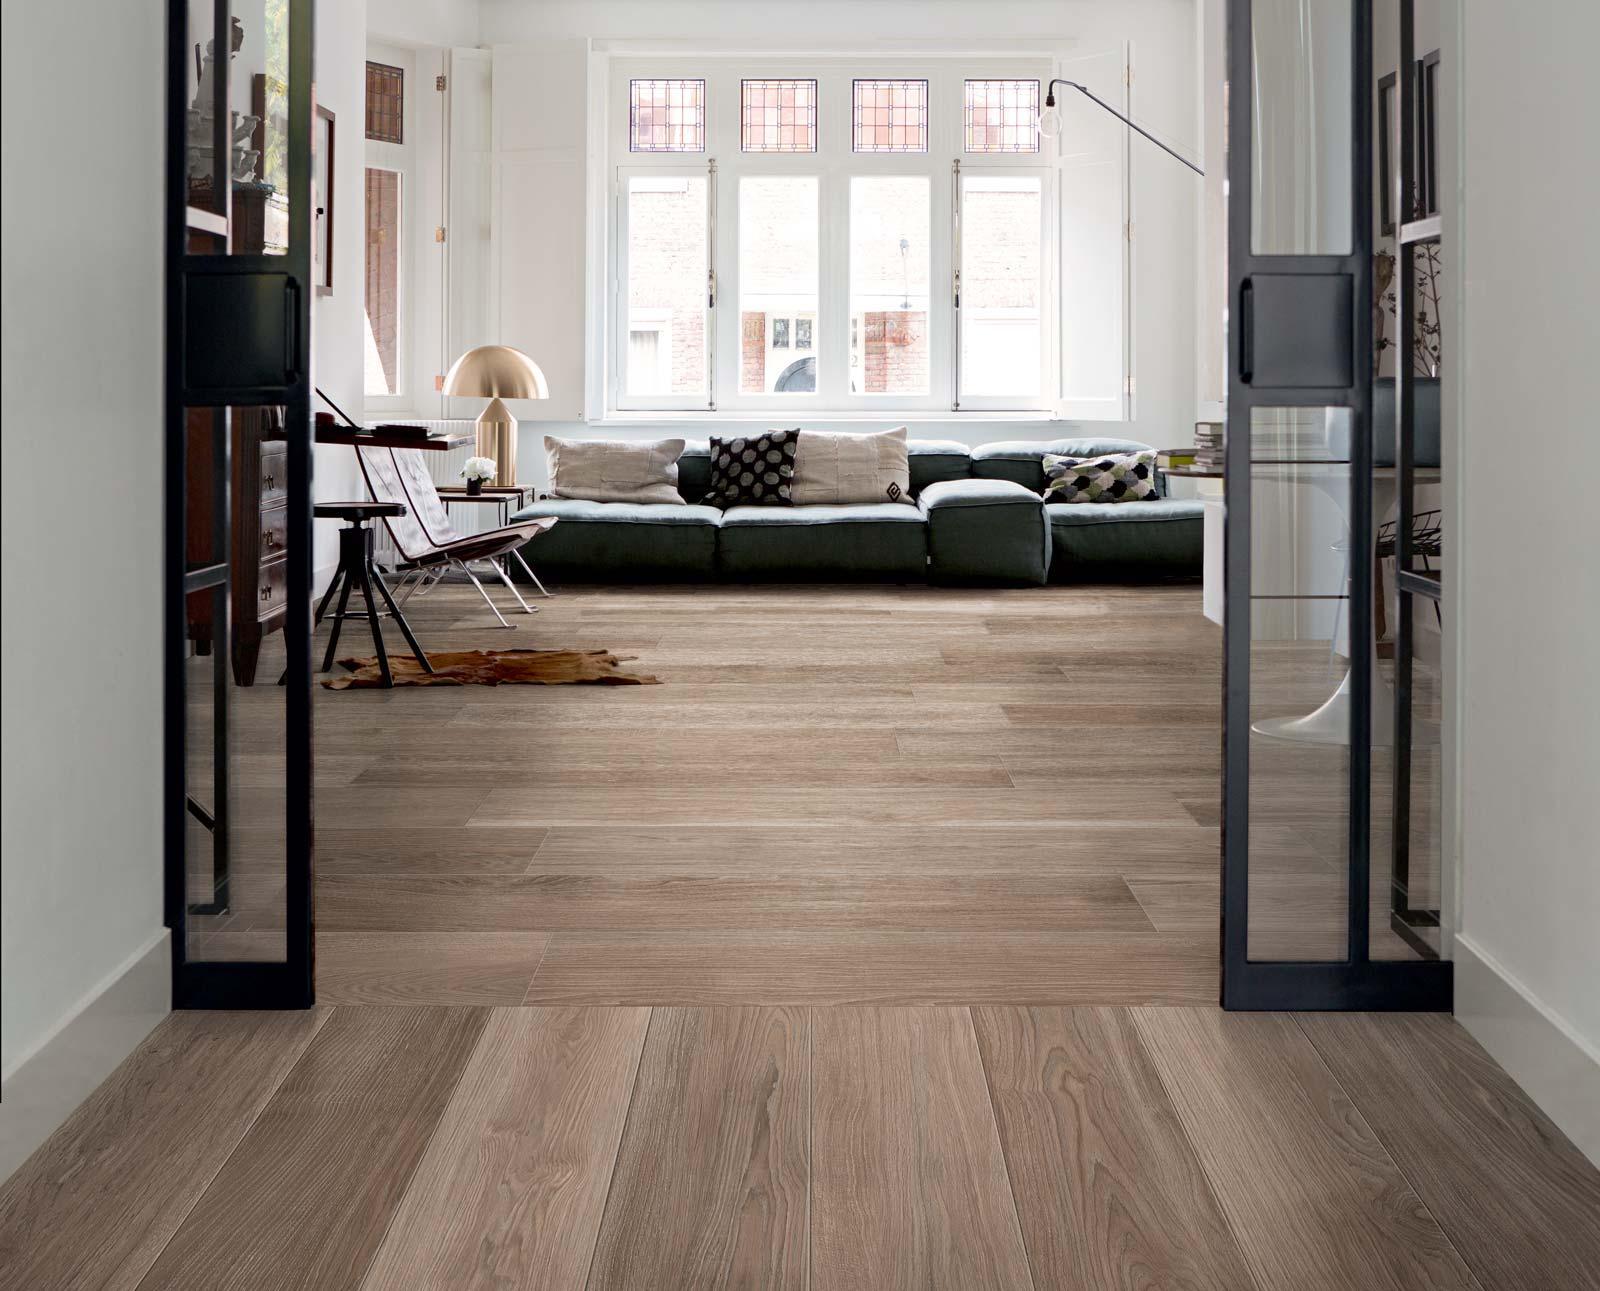 Piastrelle Effetto Legno Posa : Gres effetto legno: formati e colori marazzi